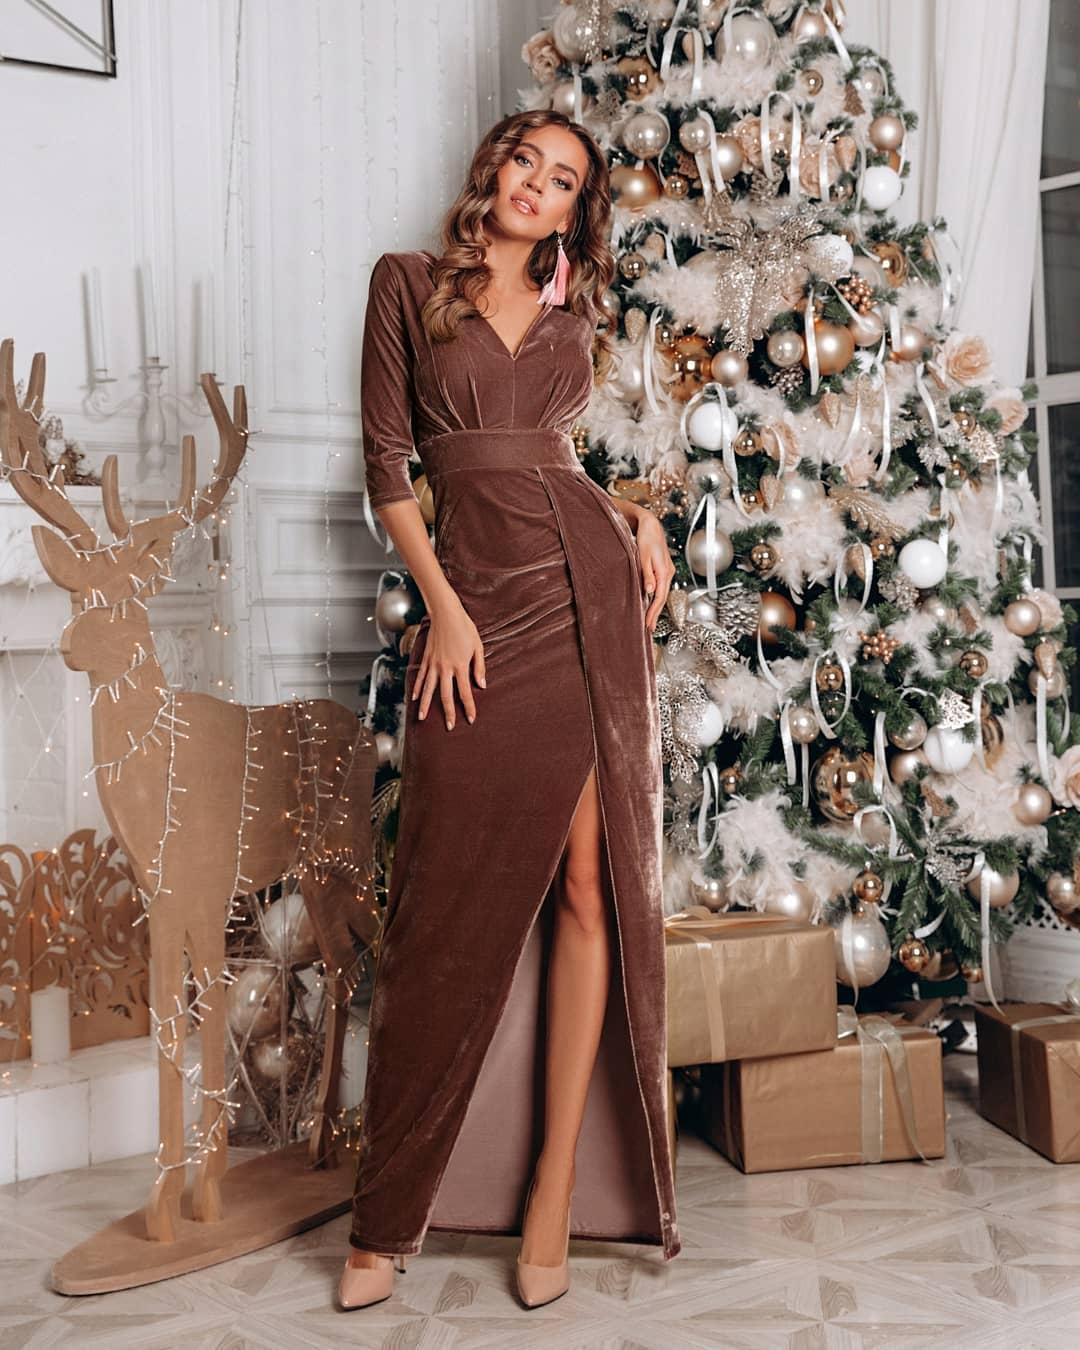 Платье Новый год красивое модное фото девочки